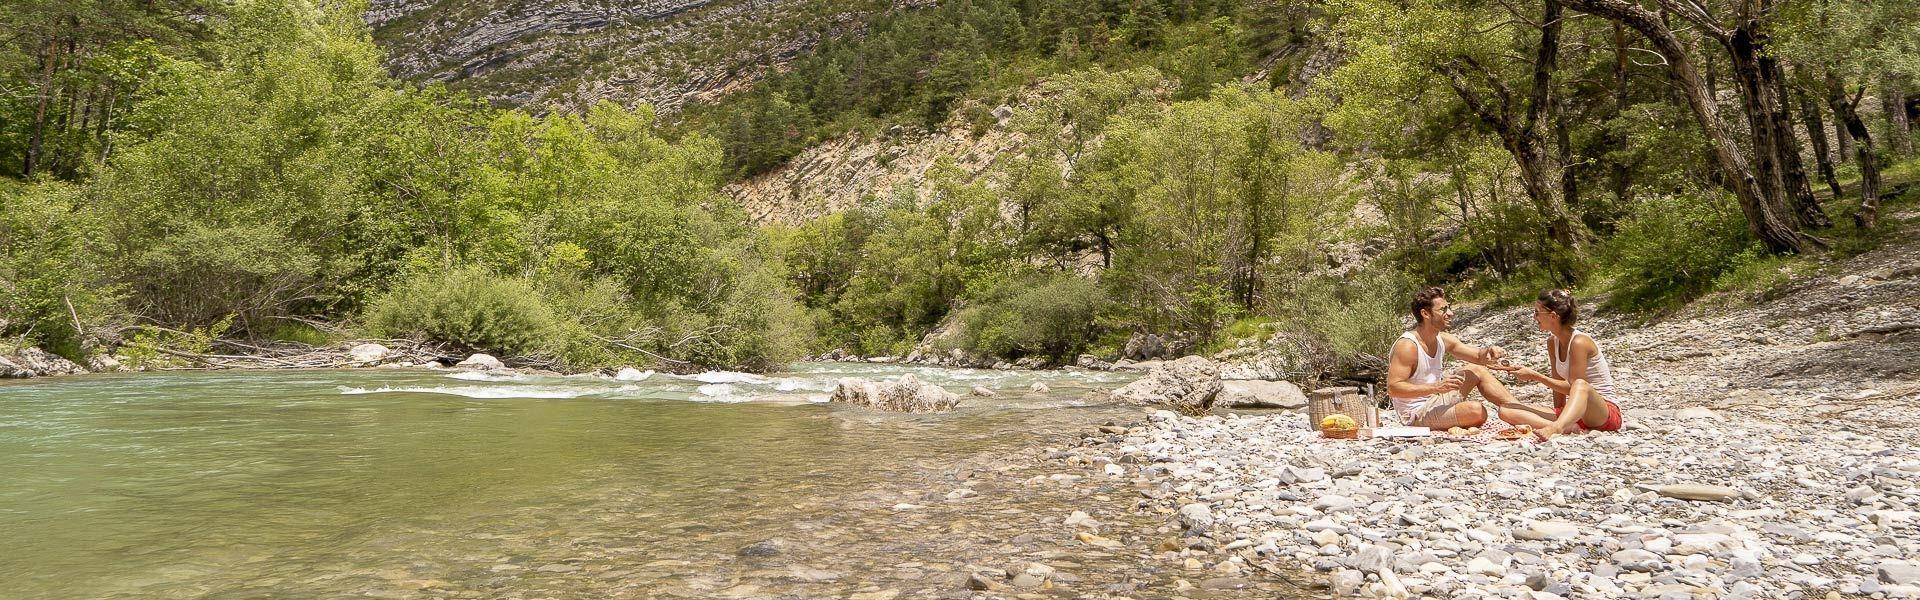 Camping bij de rivier